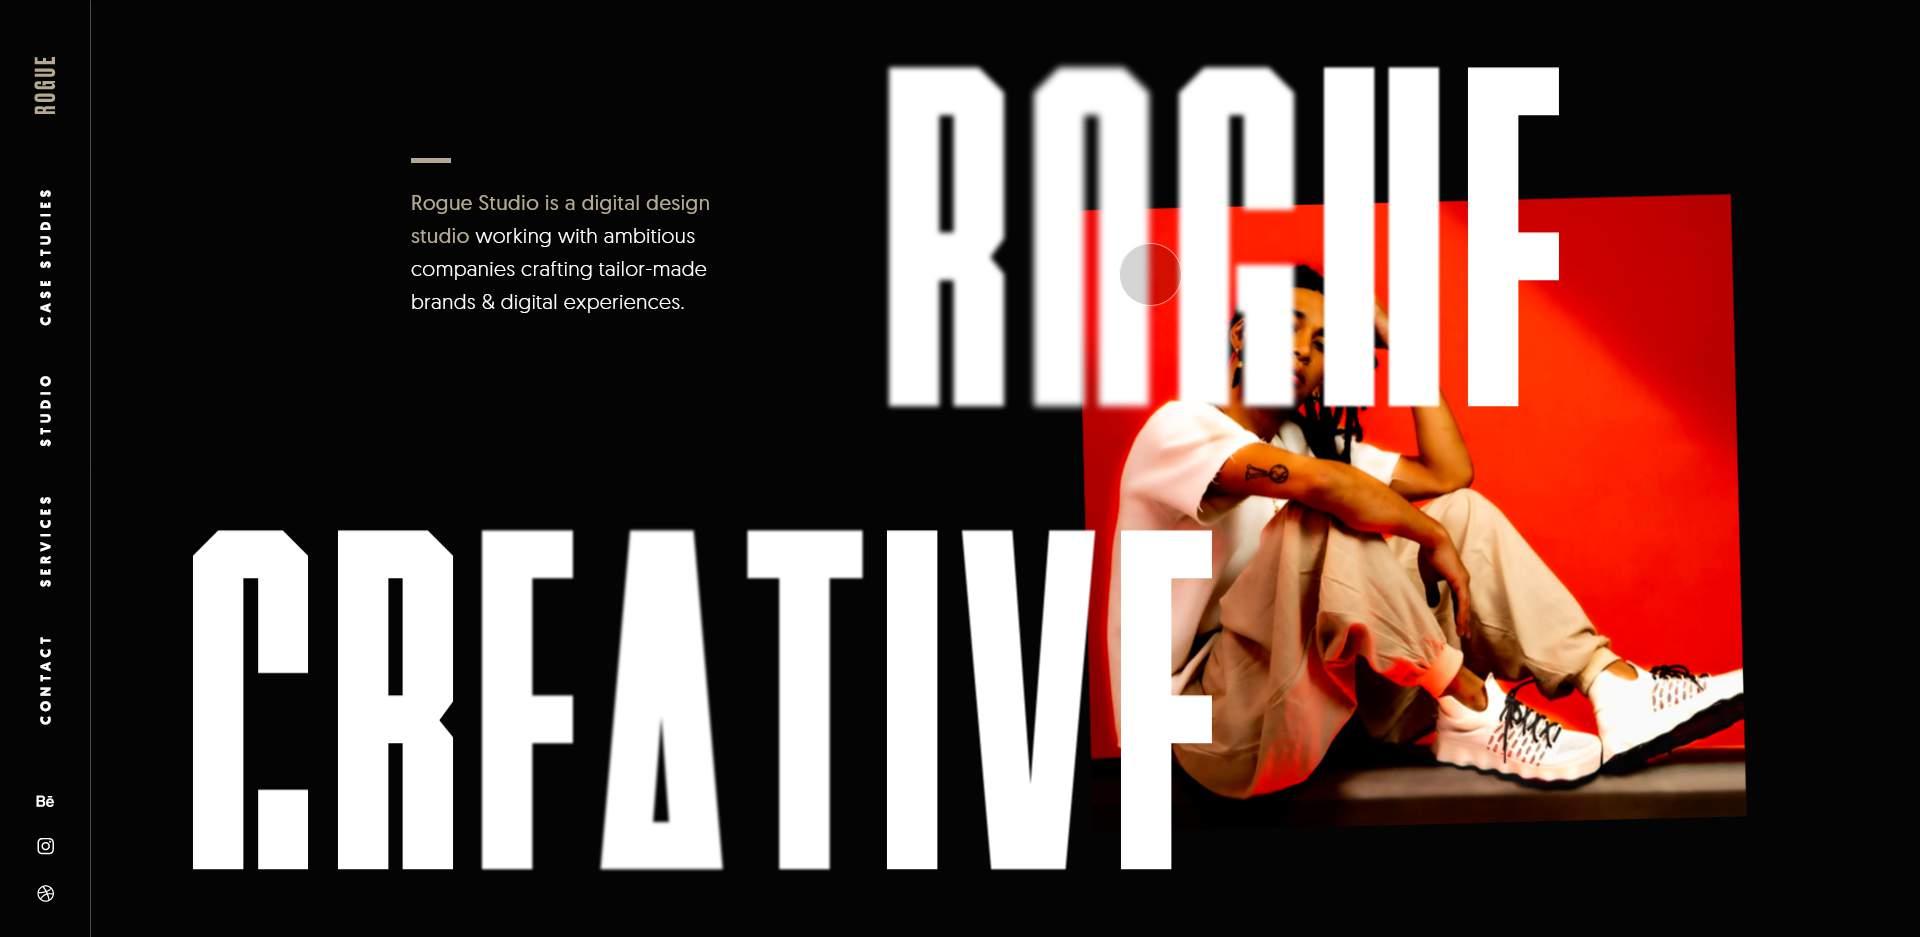 Rogue Studio's website homepage.